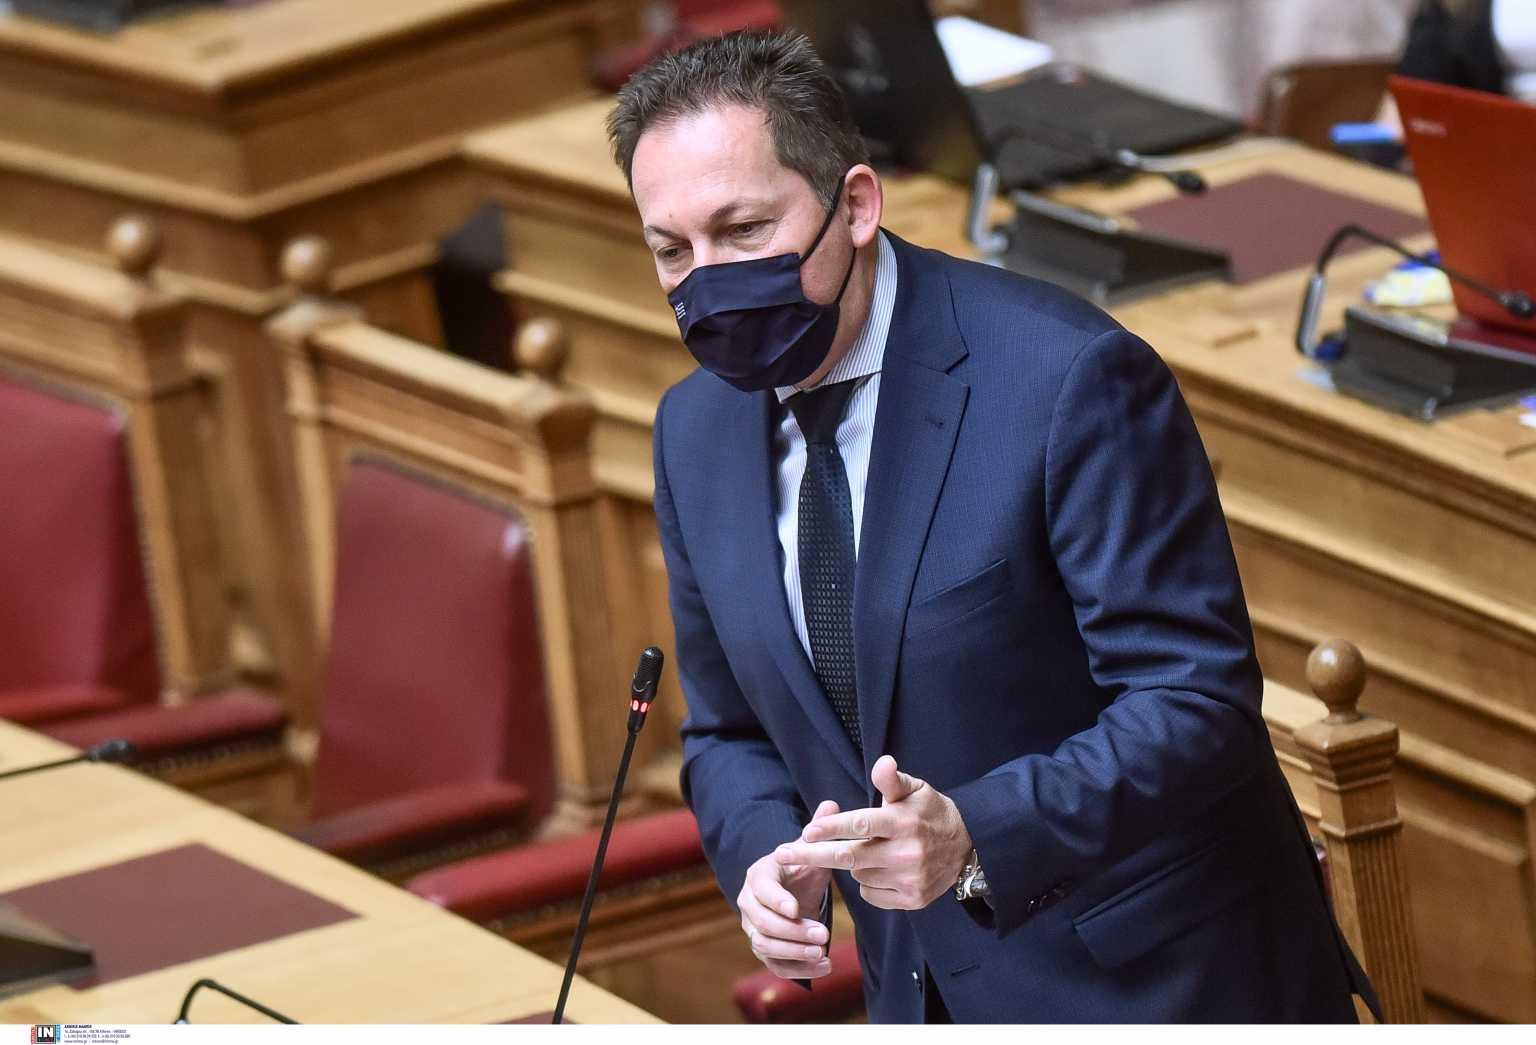 Στέλιος Πέτσας: Ένταση στην Βουλή με Κυριάκο Βελόπουλο και Γιάννη Ραγκούση